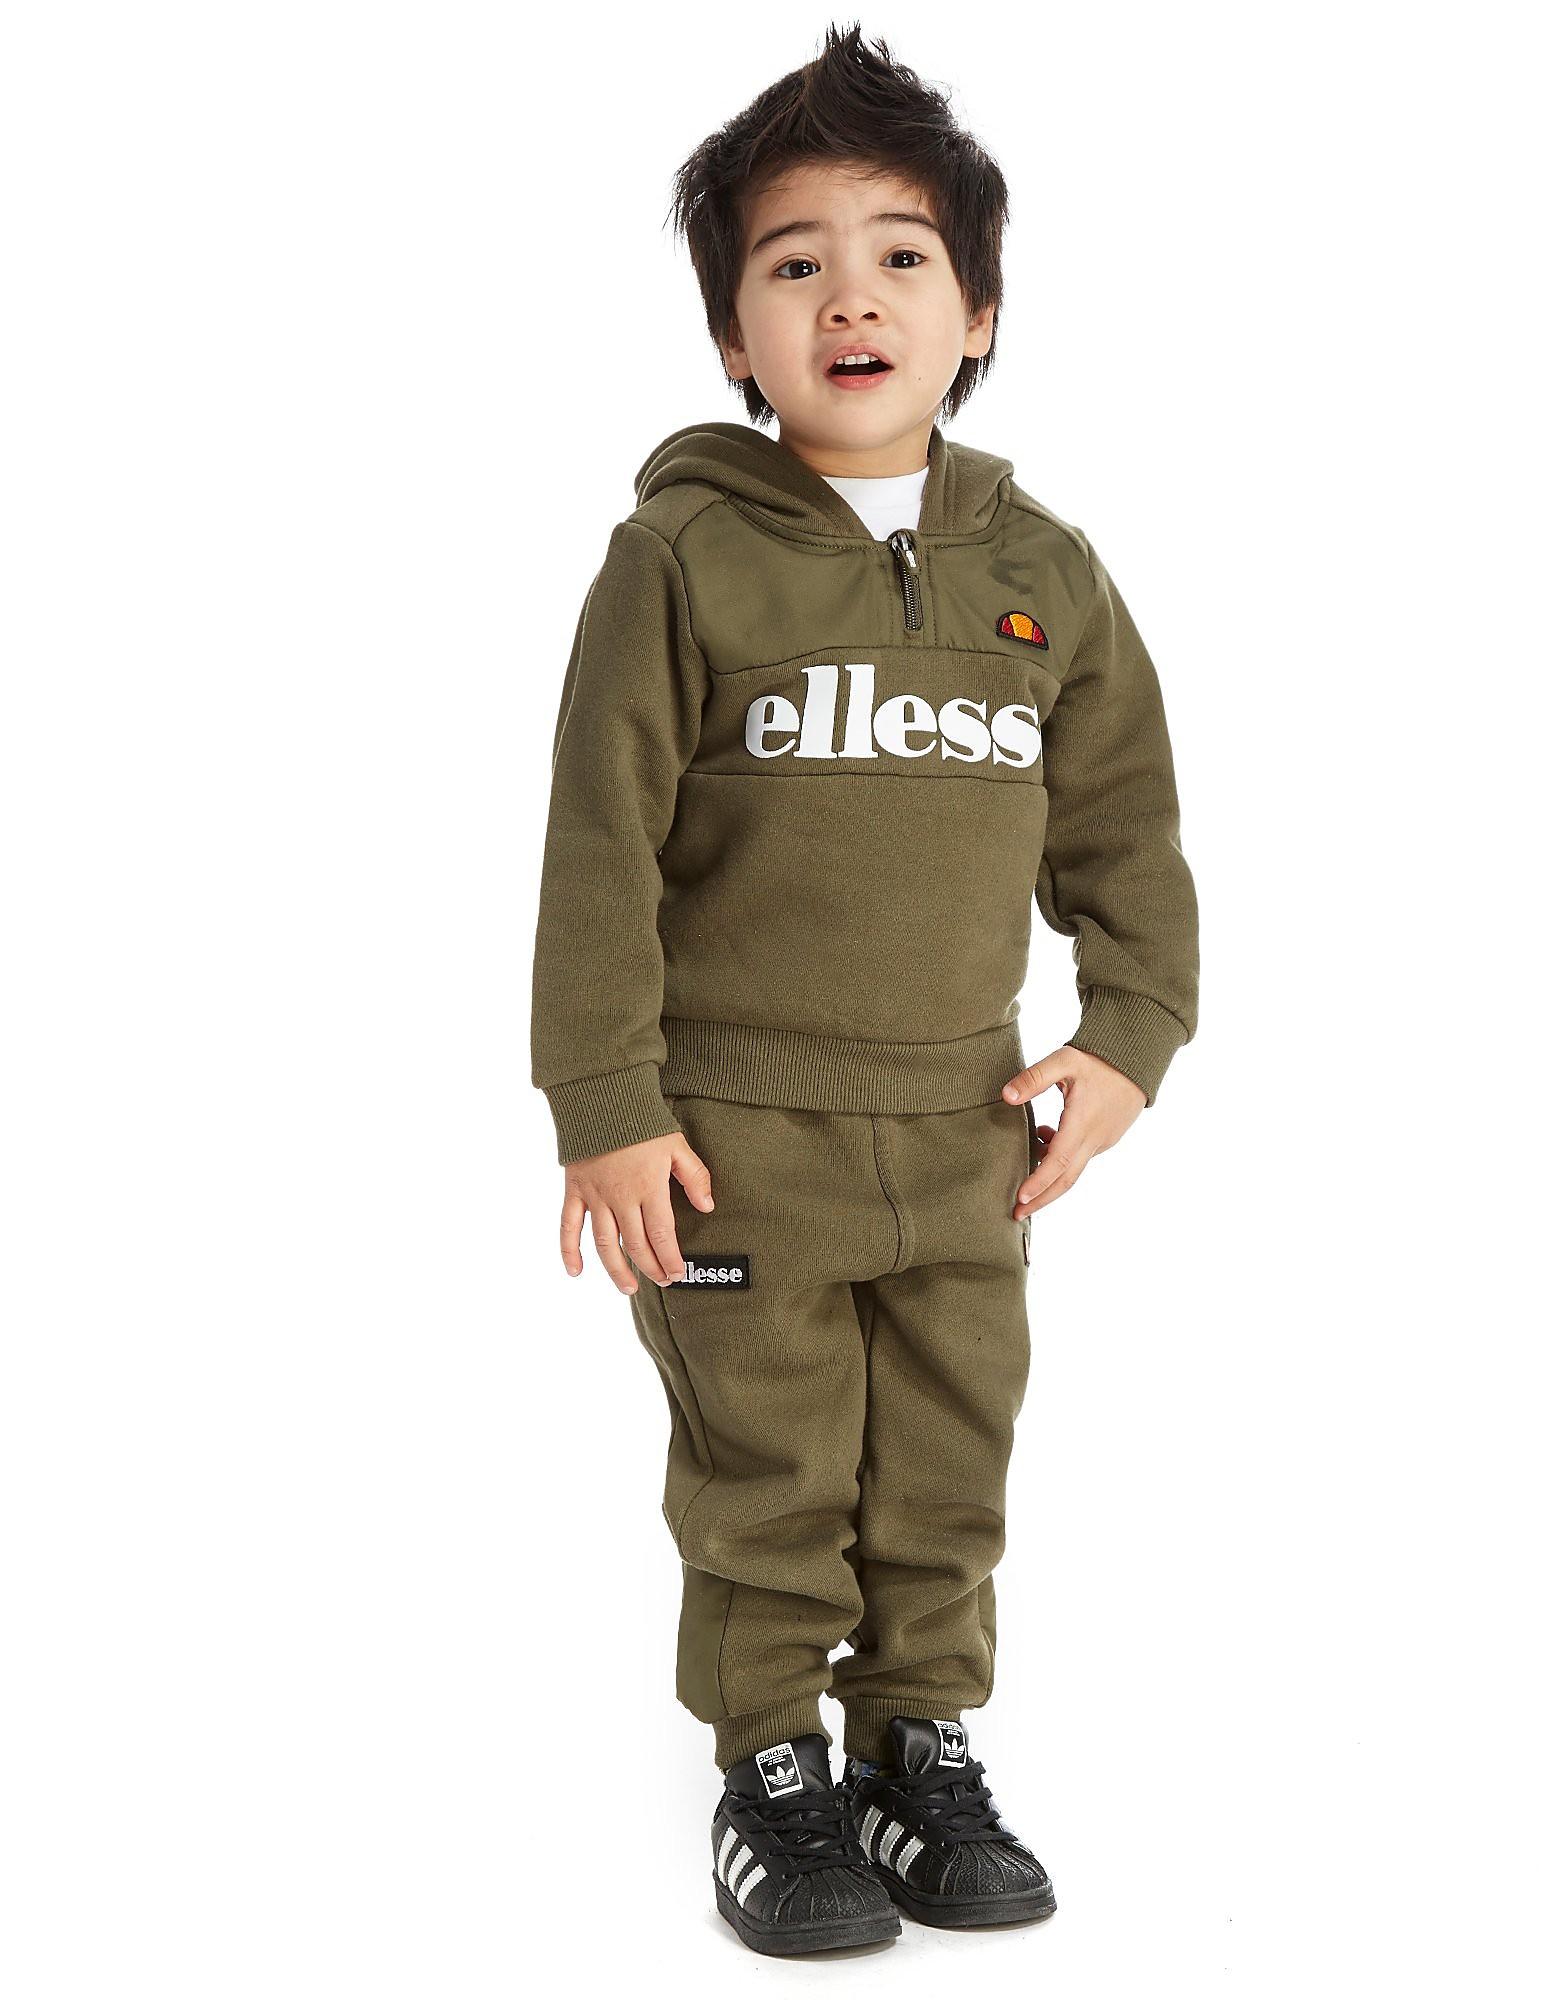 Ellesse Calleno 1/4 Zip Suit Infant - alleen bij JD - Khaki - Kind